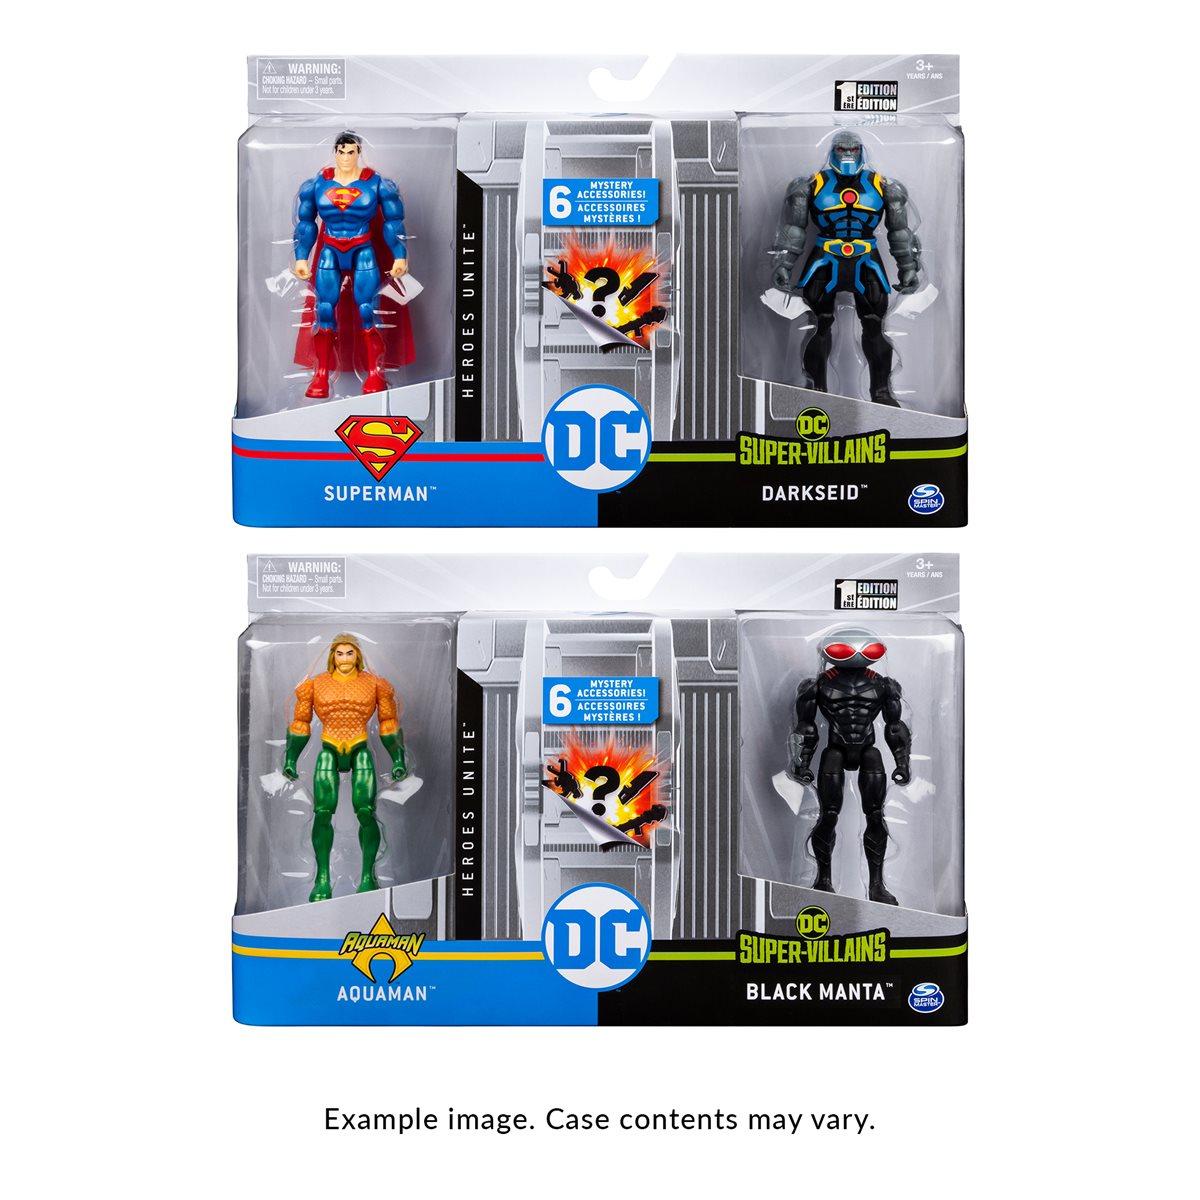 DC Universe Classics 2-Pack Figures Wave 2 Case